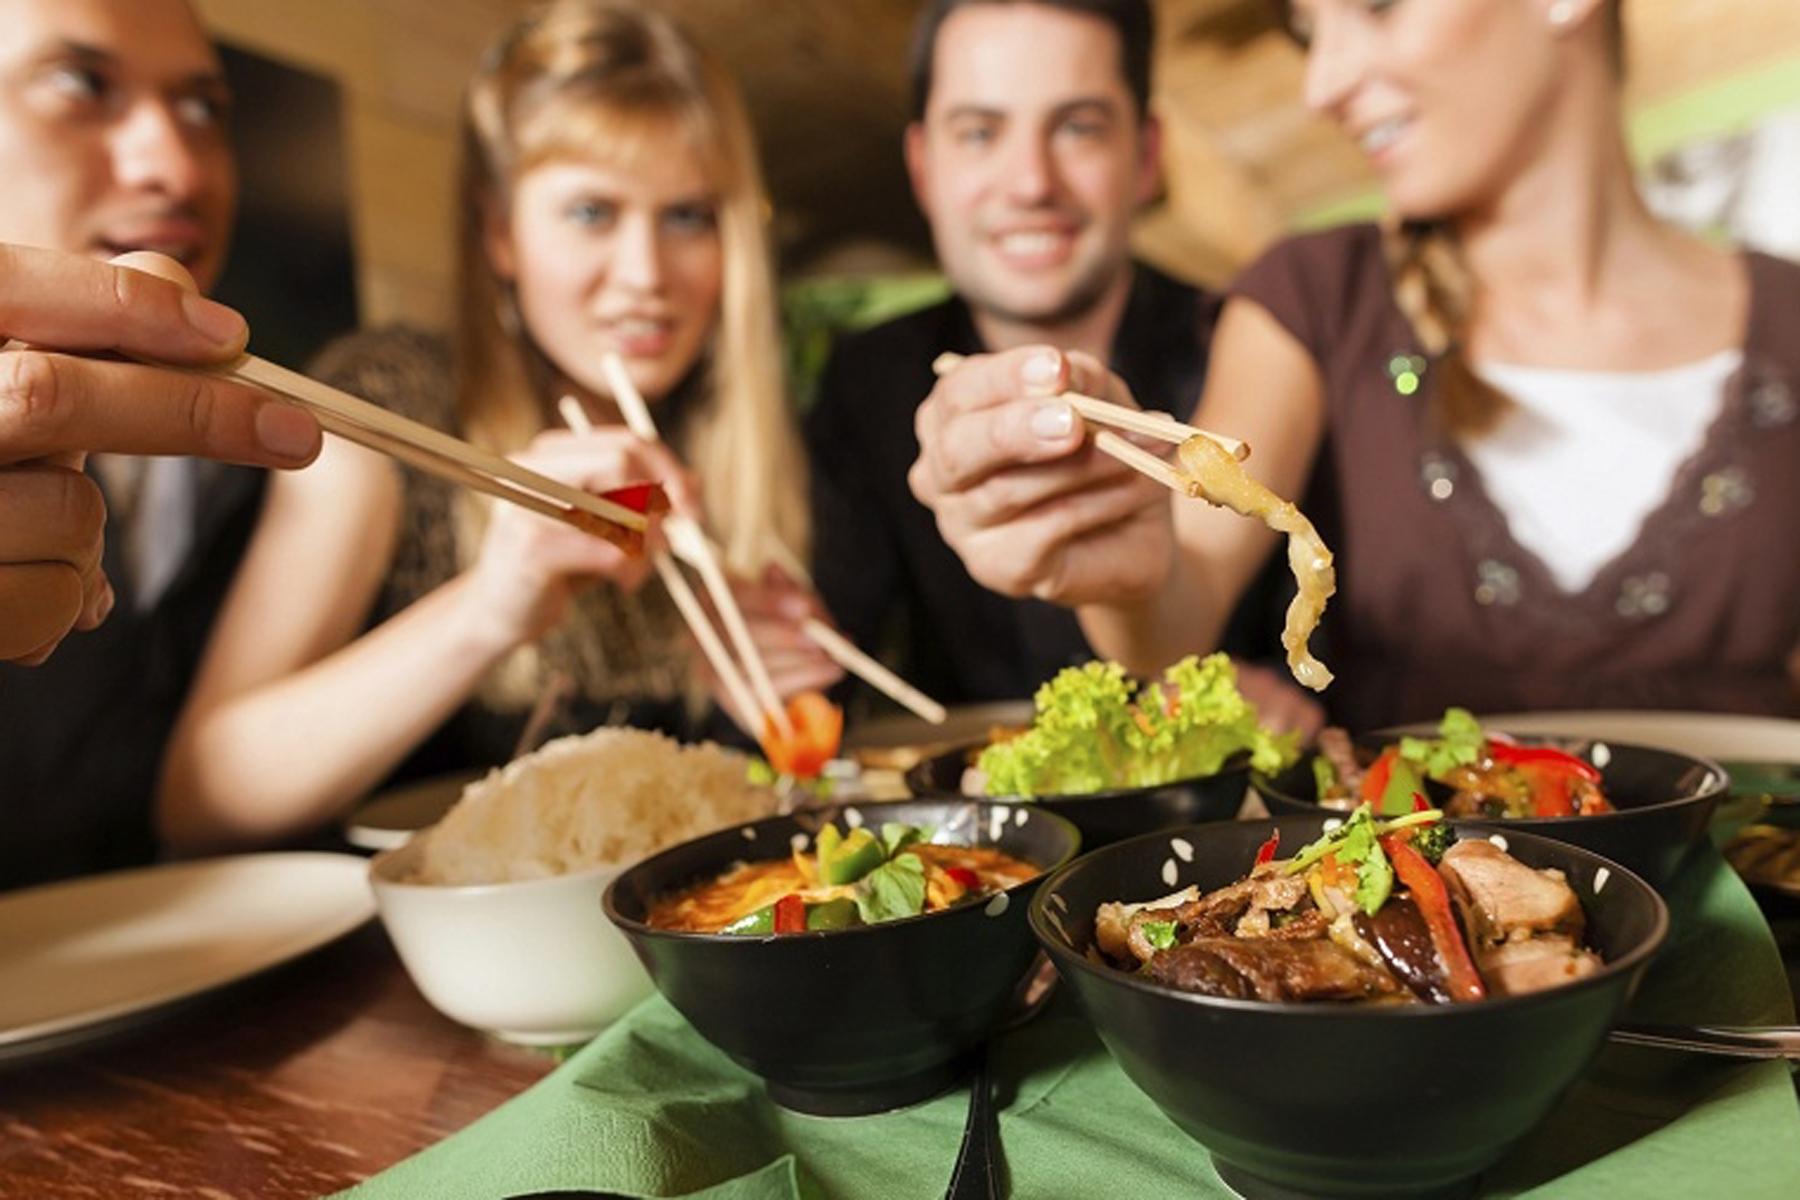 Metti una sera a cena: tutti pazzi per il social eating